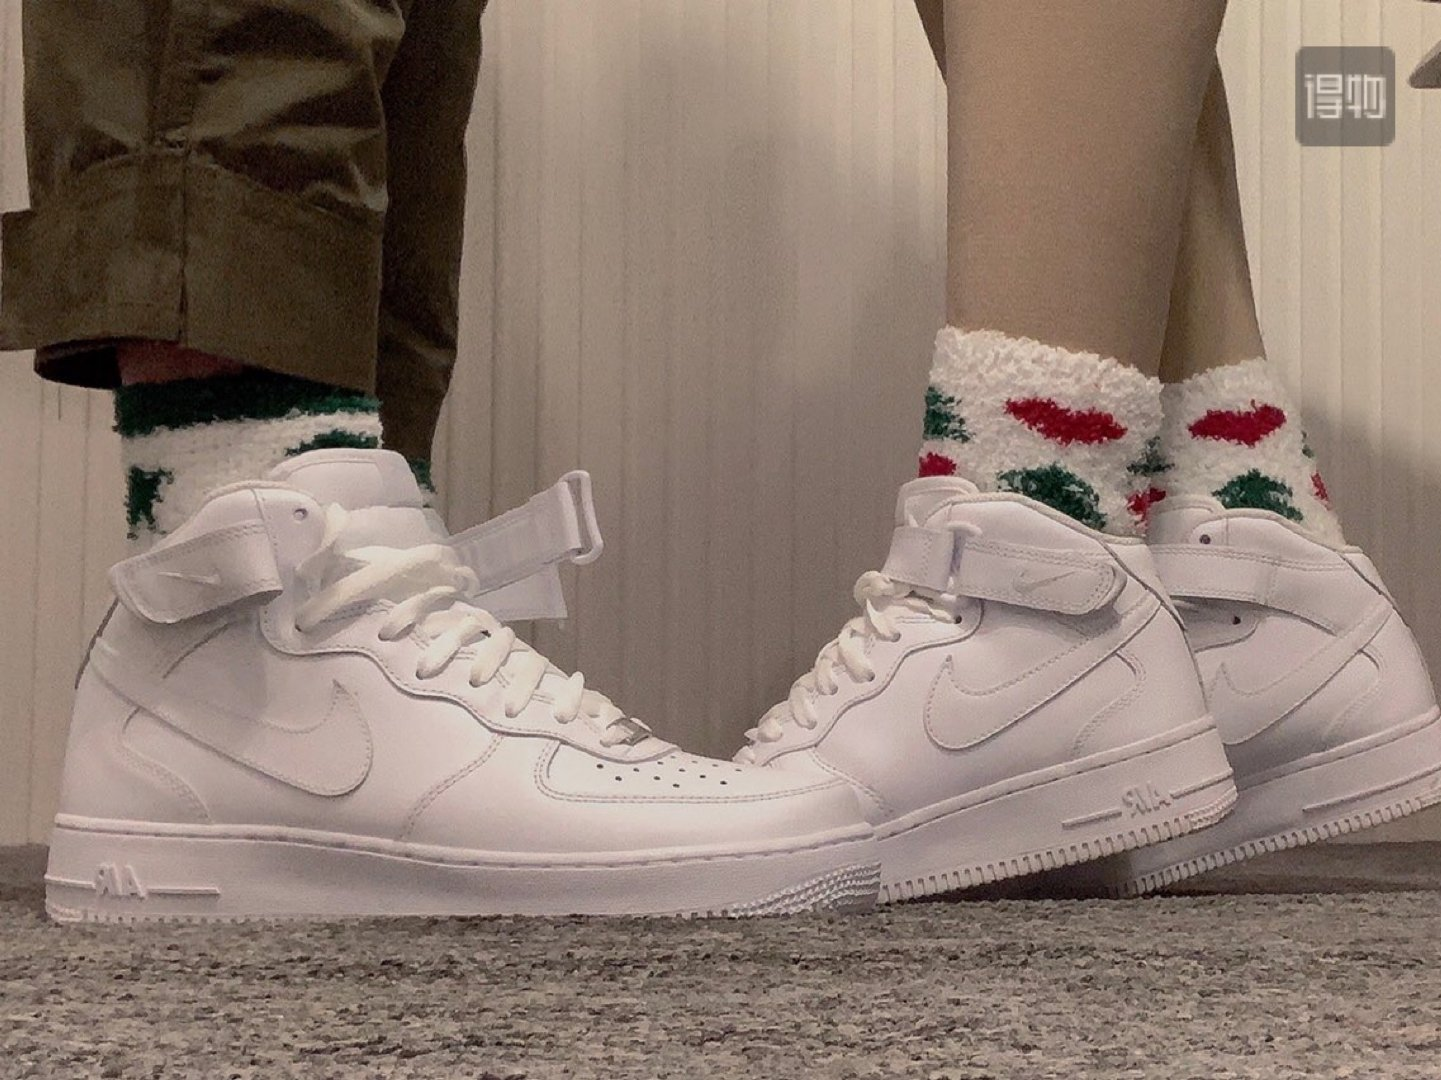 来聊一聊,你觉得哪双鞋作为情侣款最好看